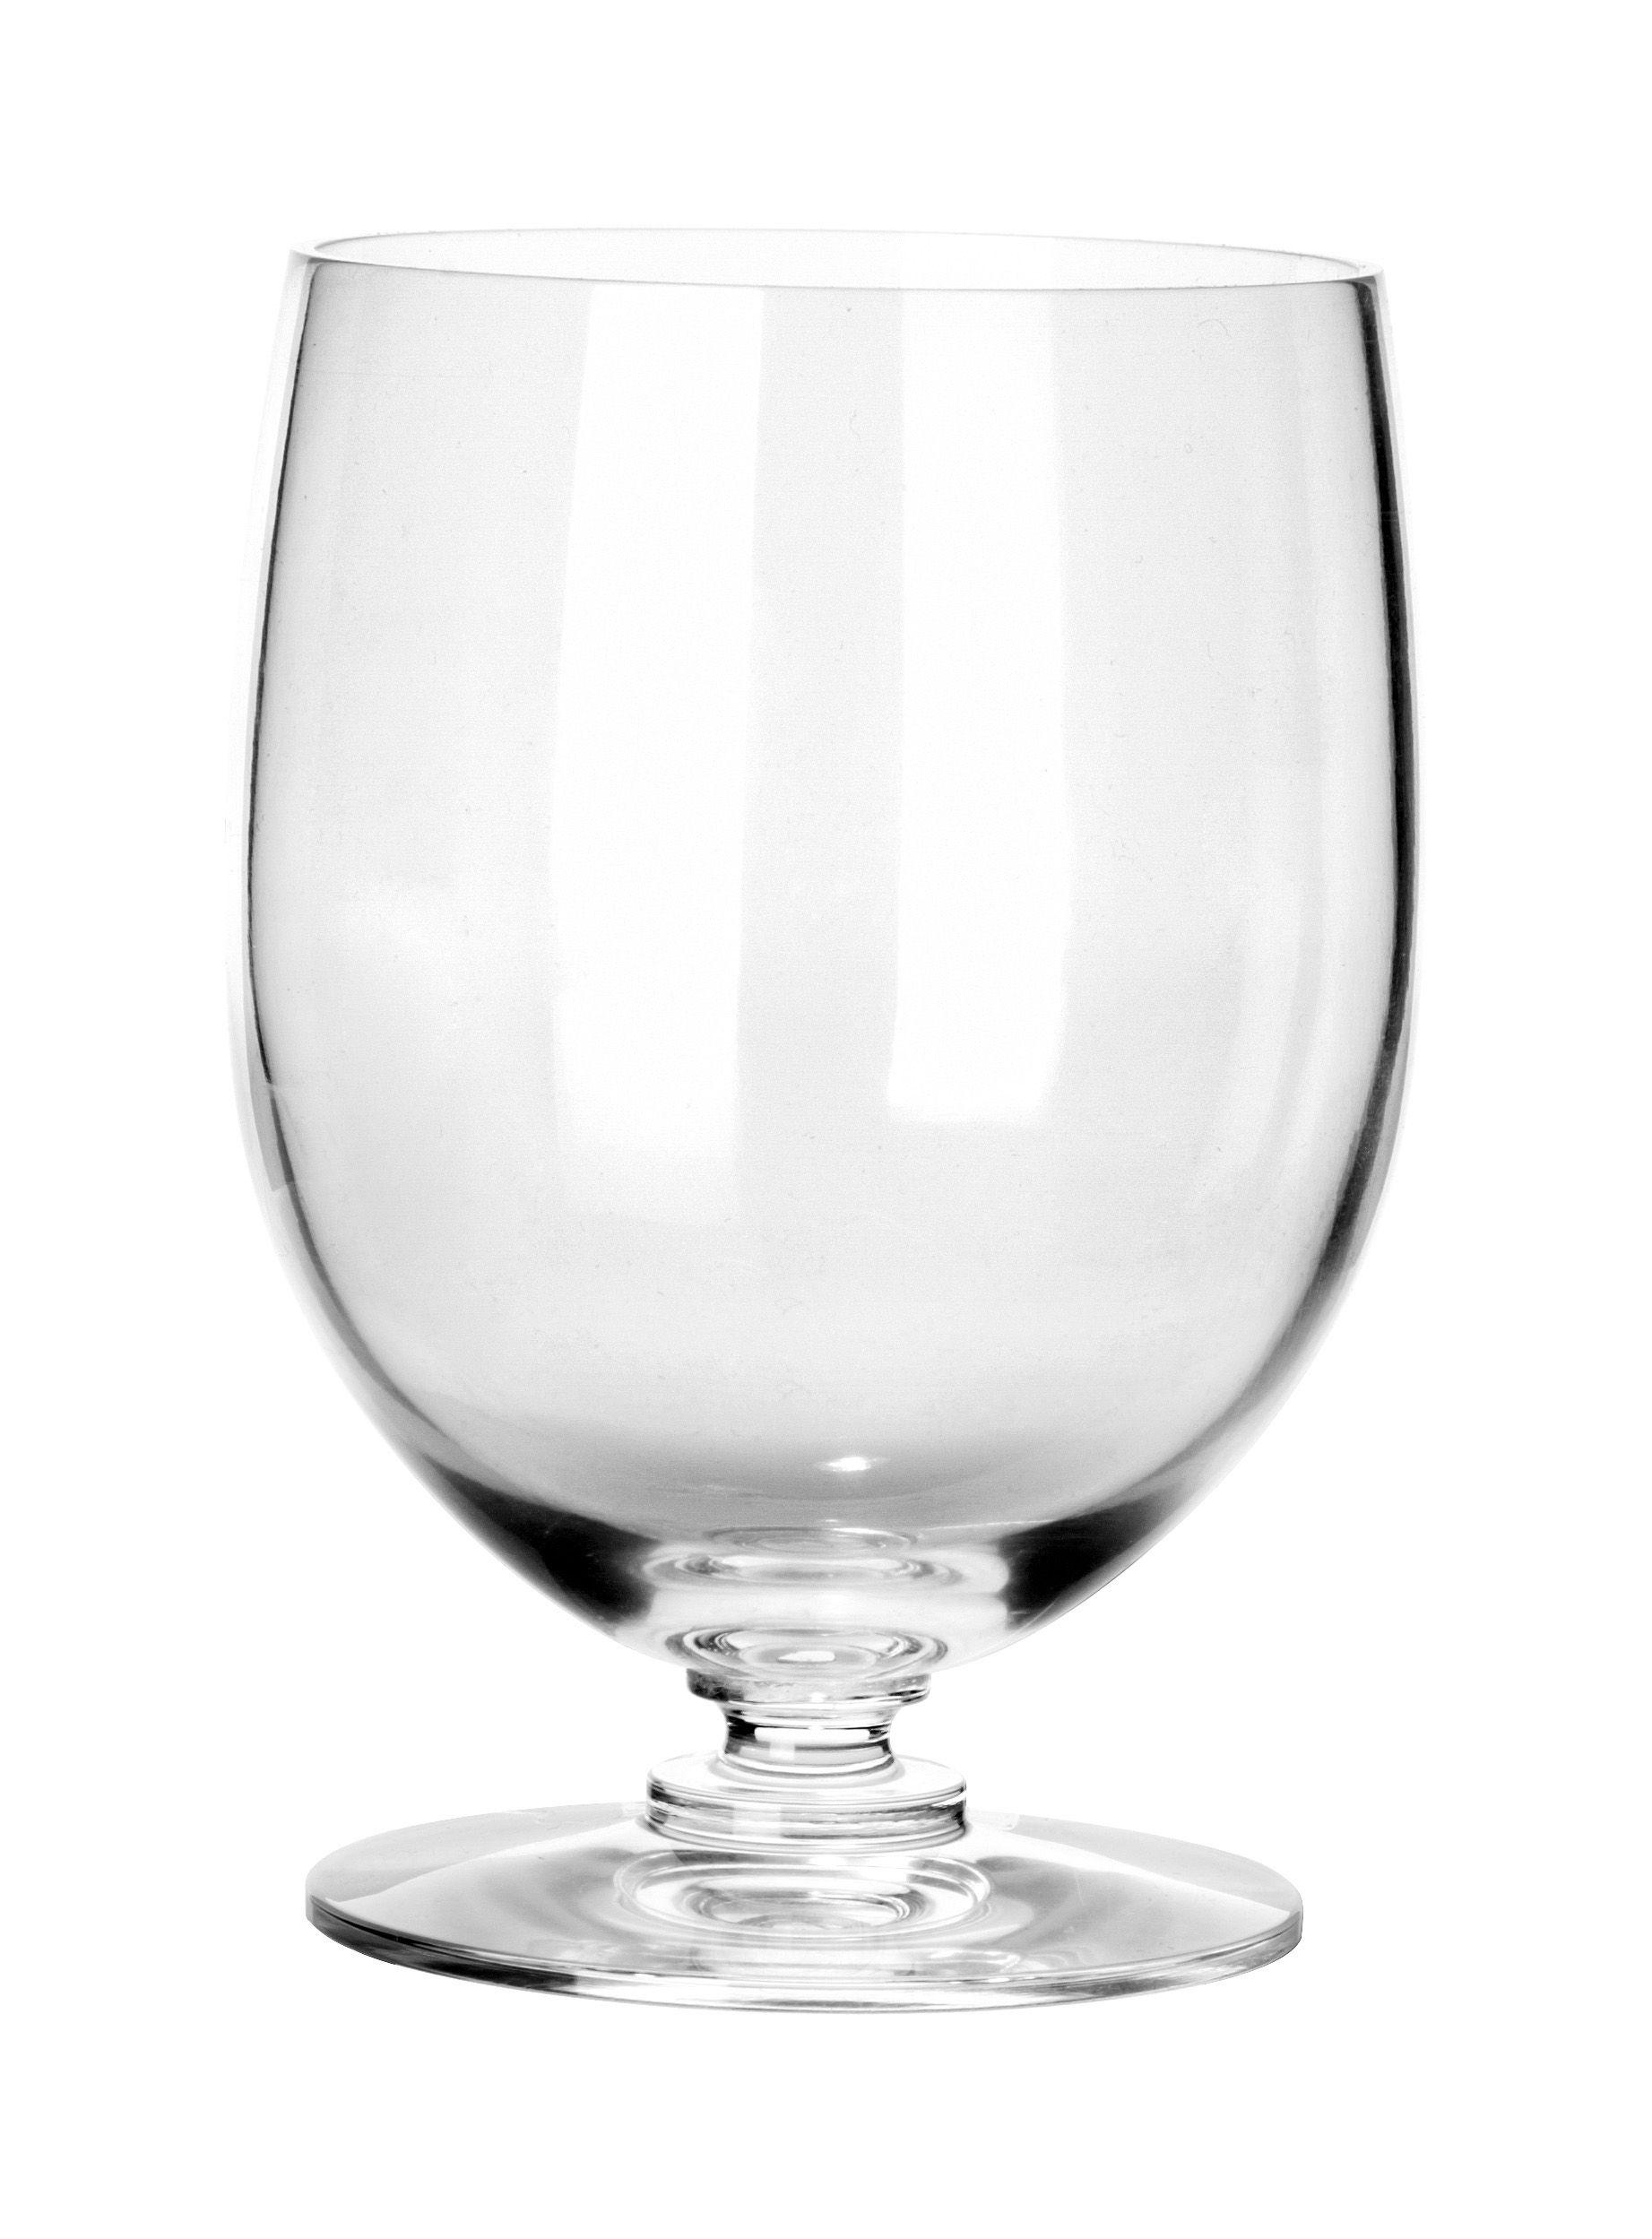 Arts de la table - Verres  - Verre à eau Dressed - Alessi - Eau 30 cl - Transparent - Cristal